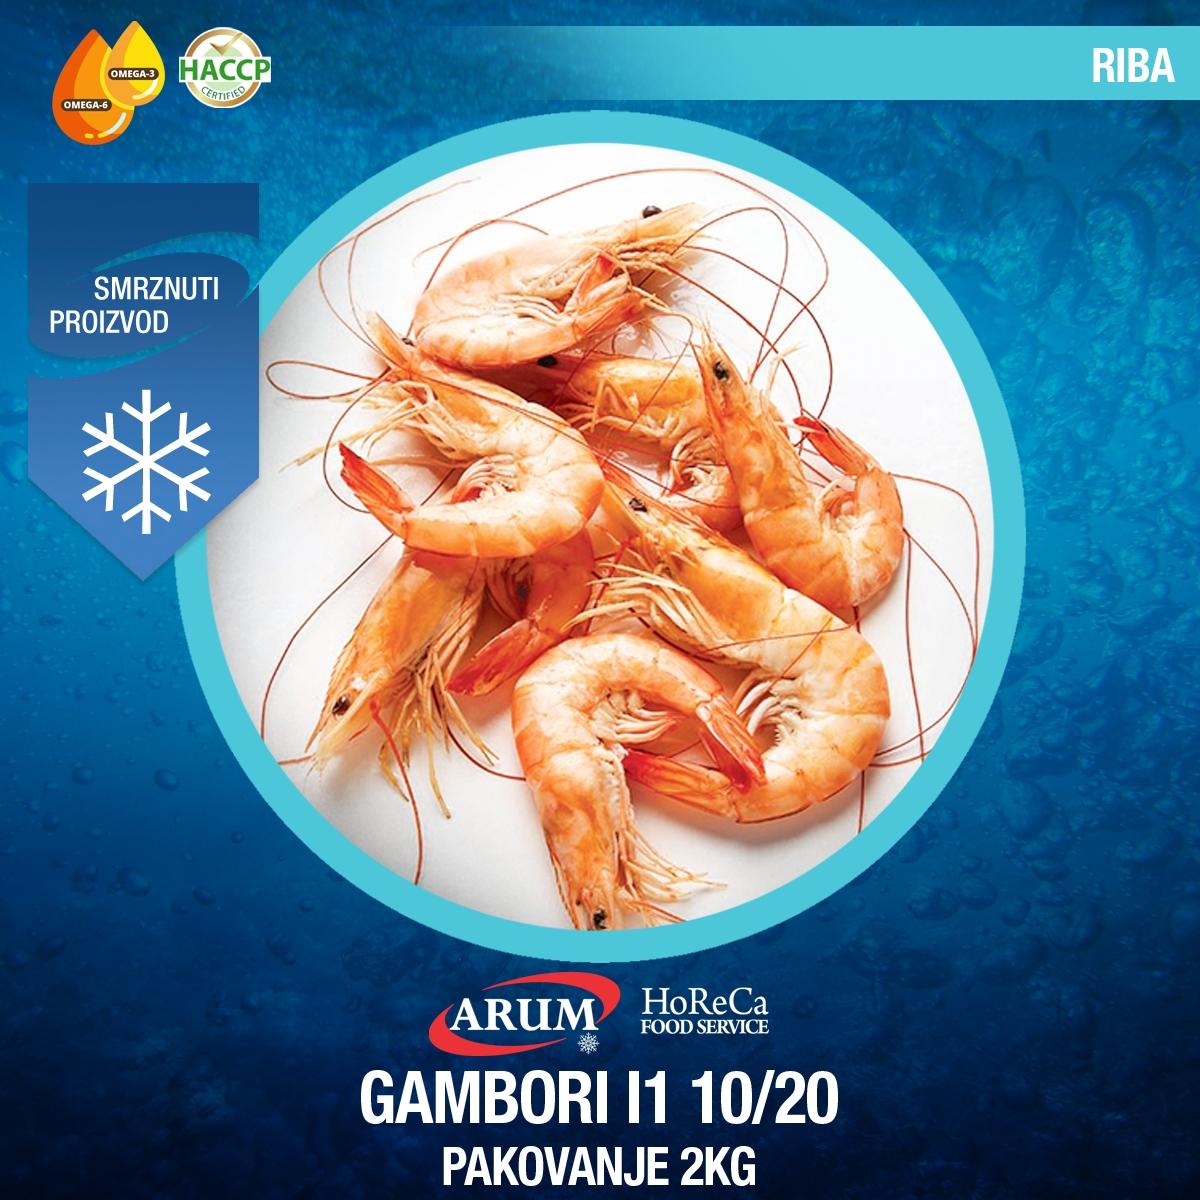 Gambori l1 10/20 2kg